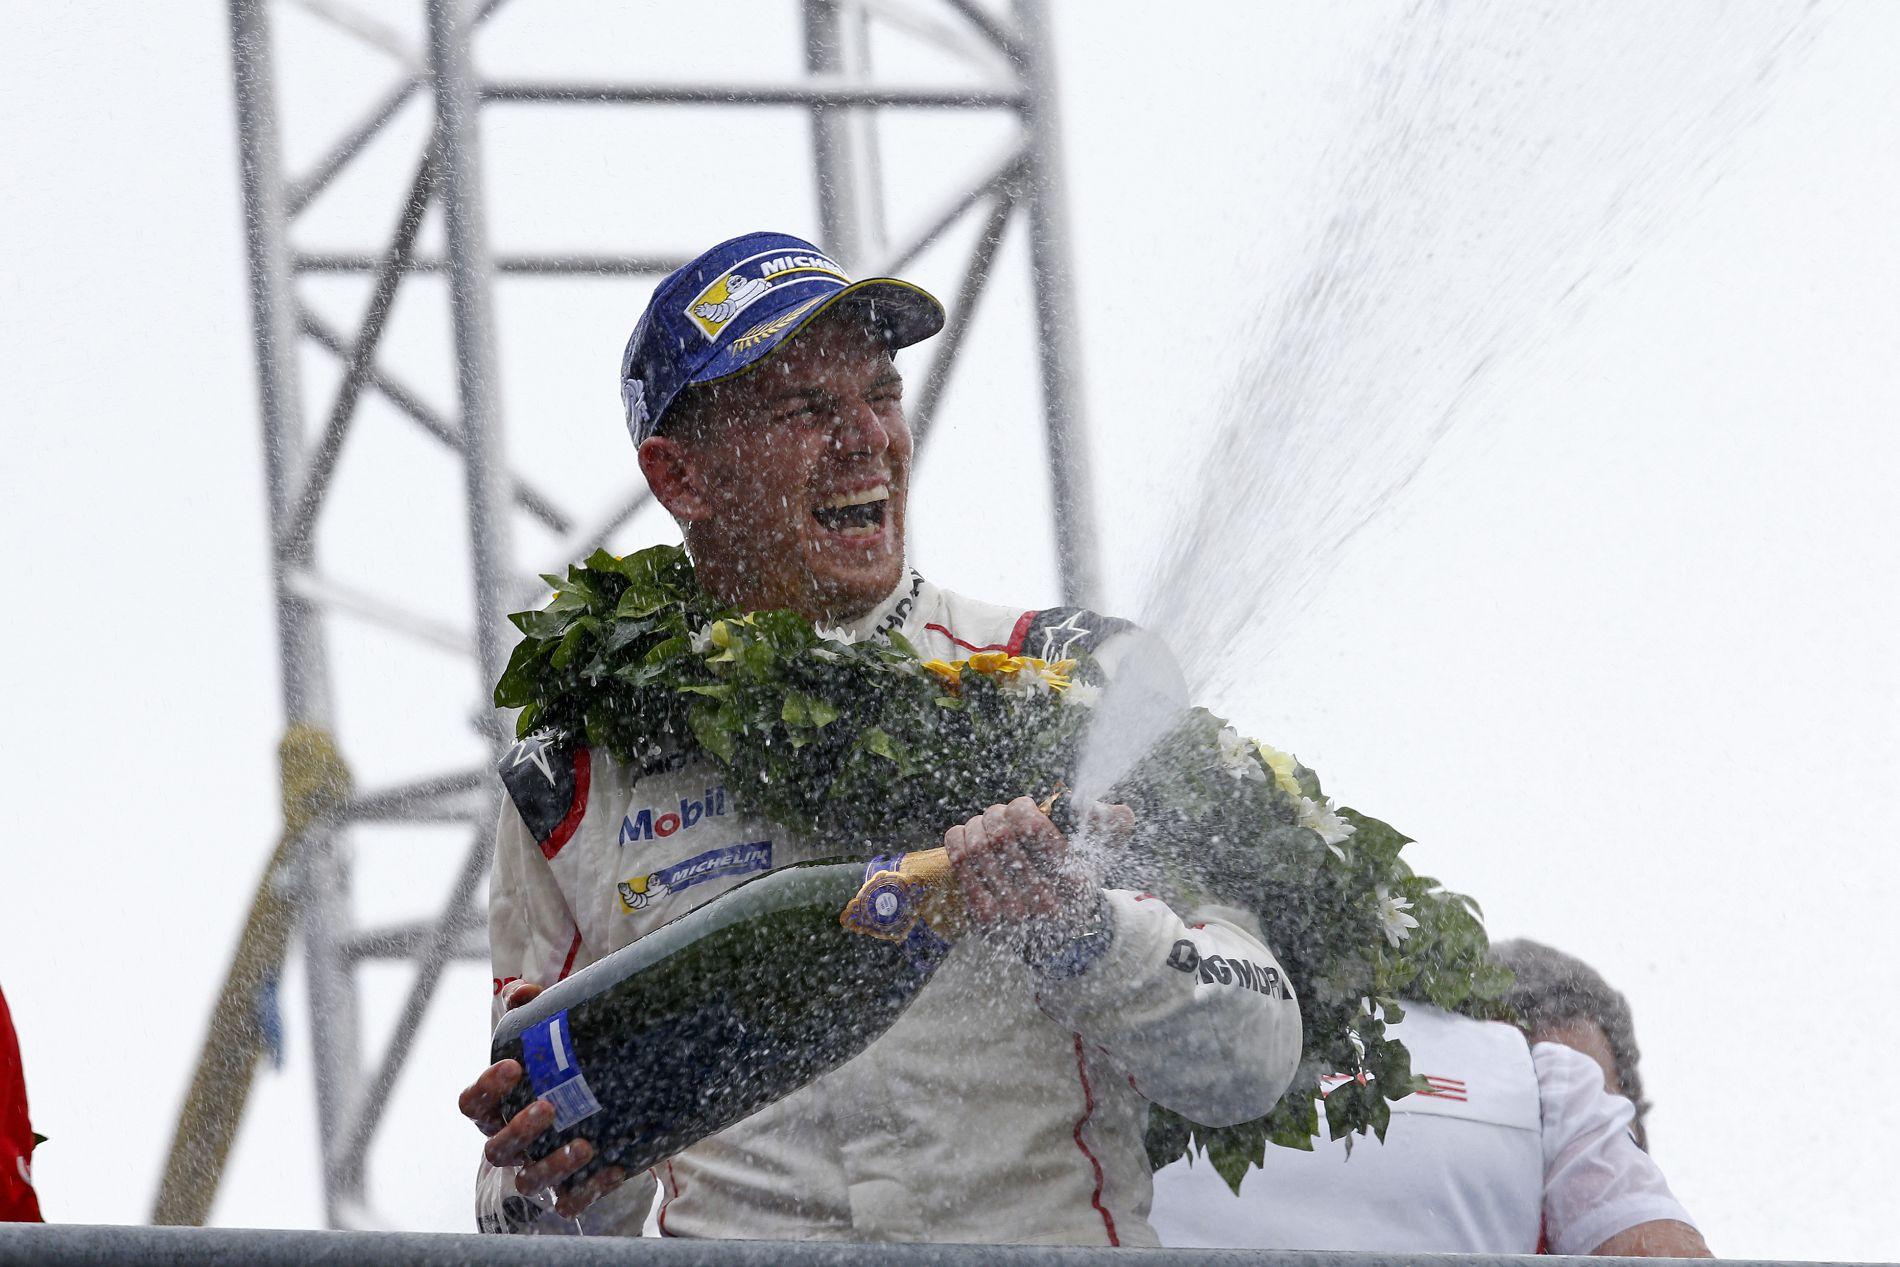 Sörtől és pezsgőtől bűzlött Hülkenberg overálja Le Mansban